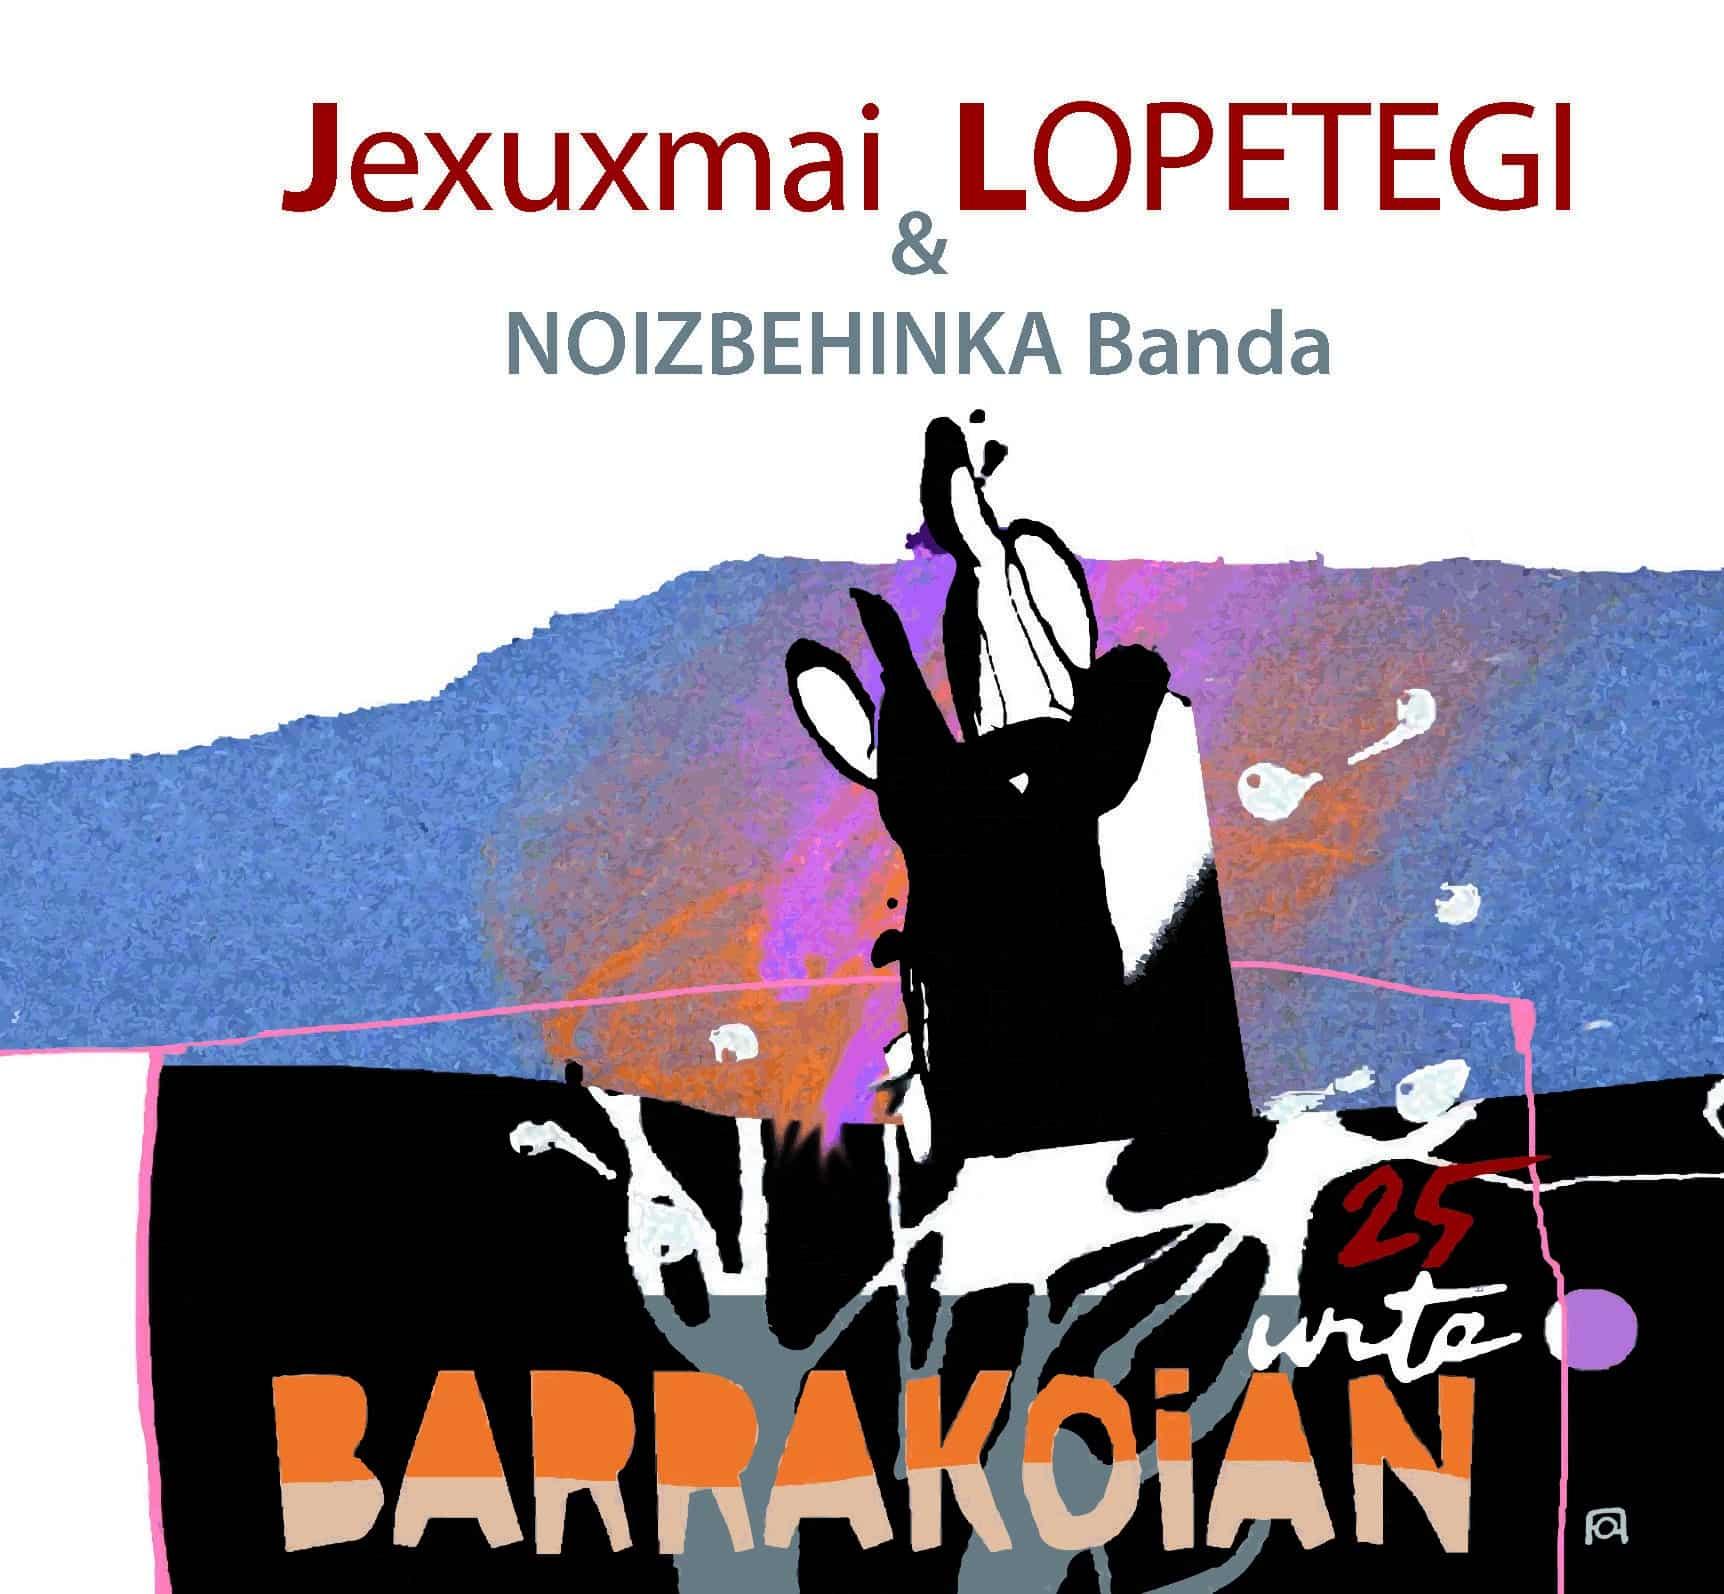 Jexuxmai Lopetegi & Noizbehinka banda - Barrakoian 20 urte